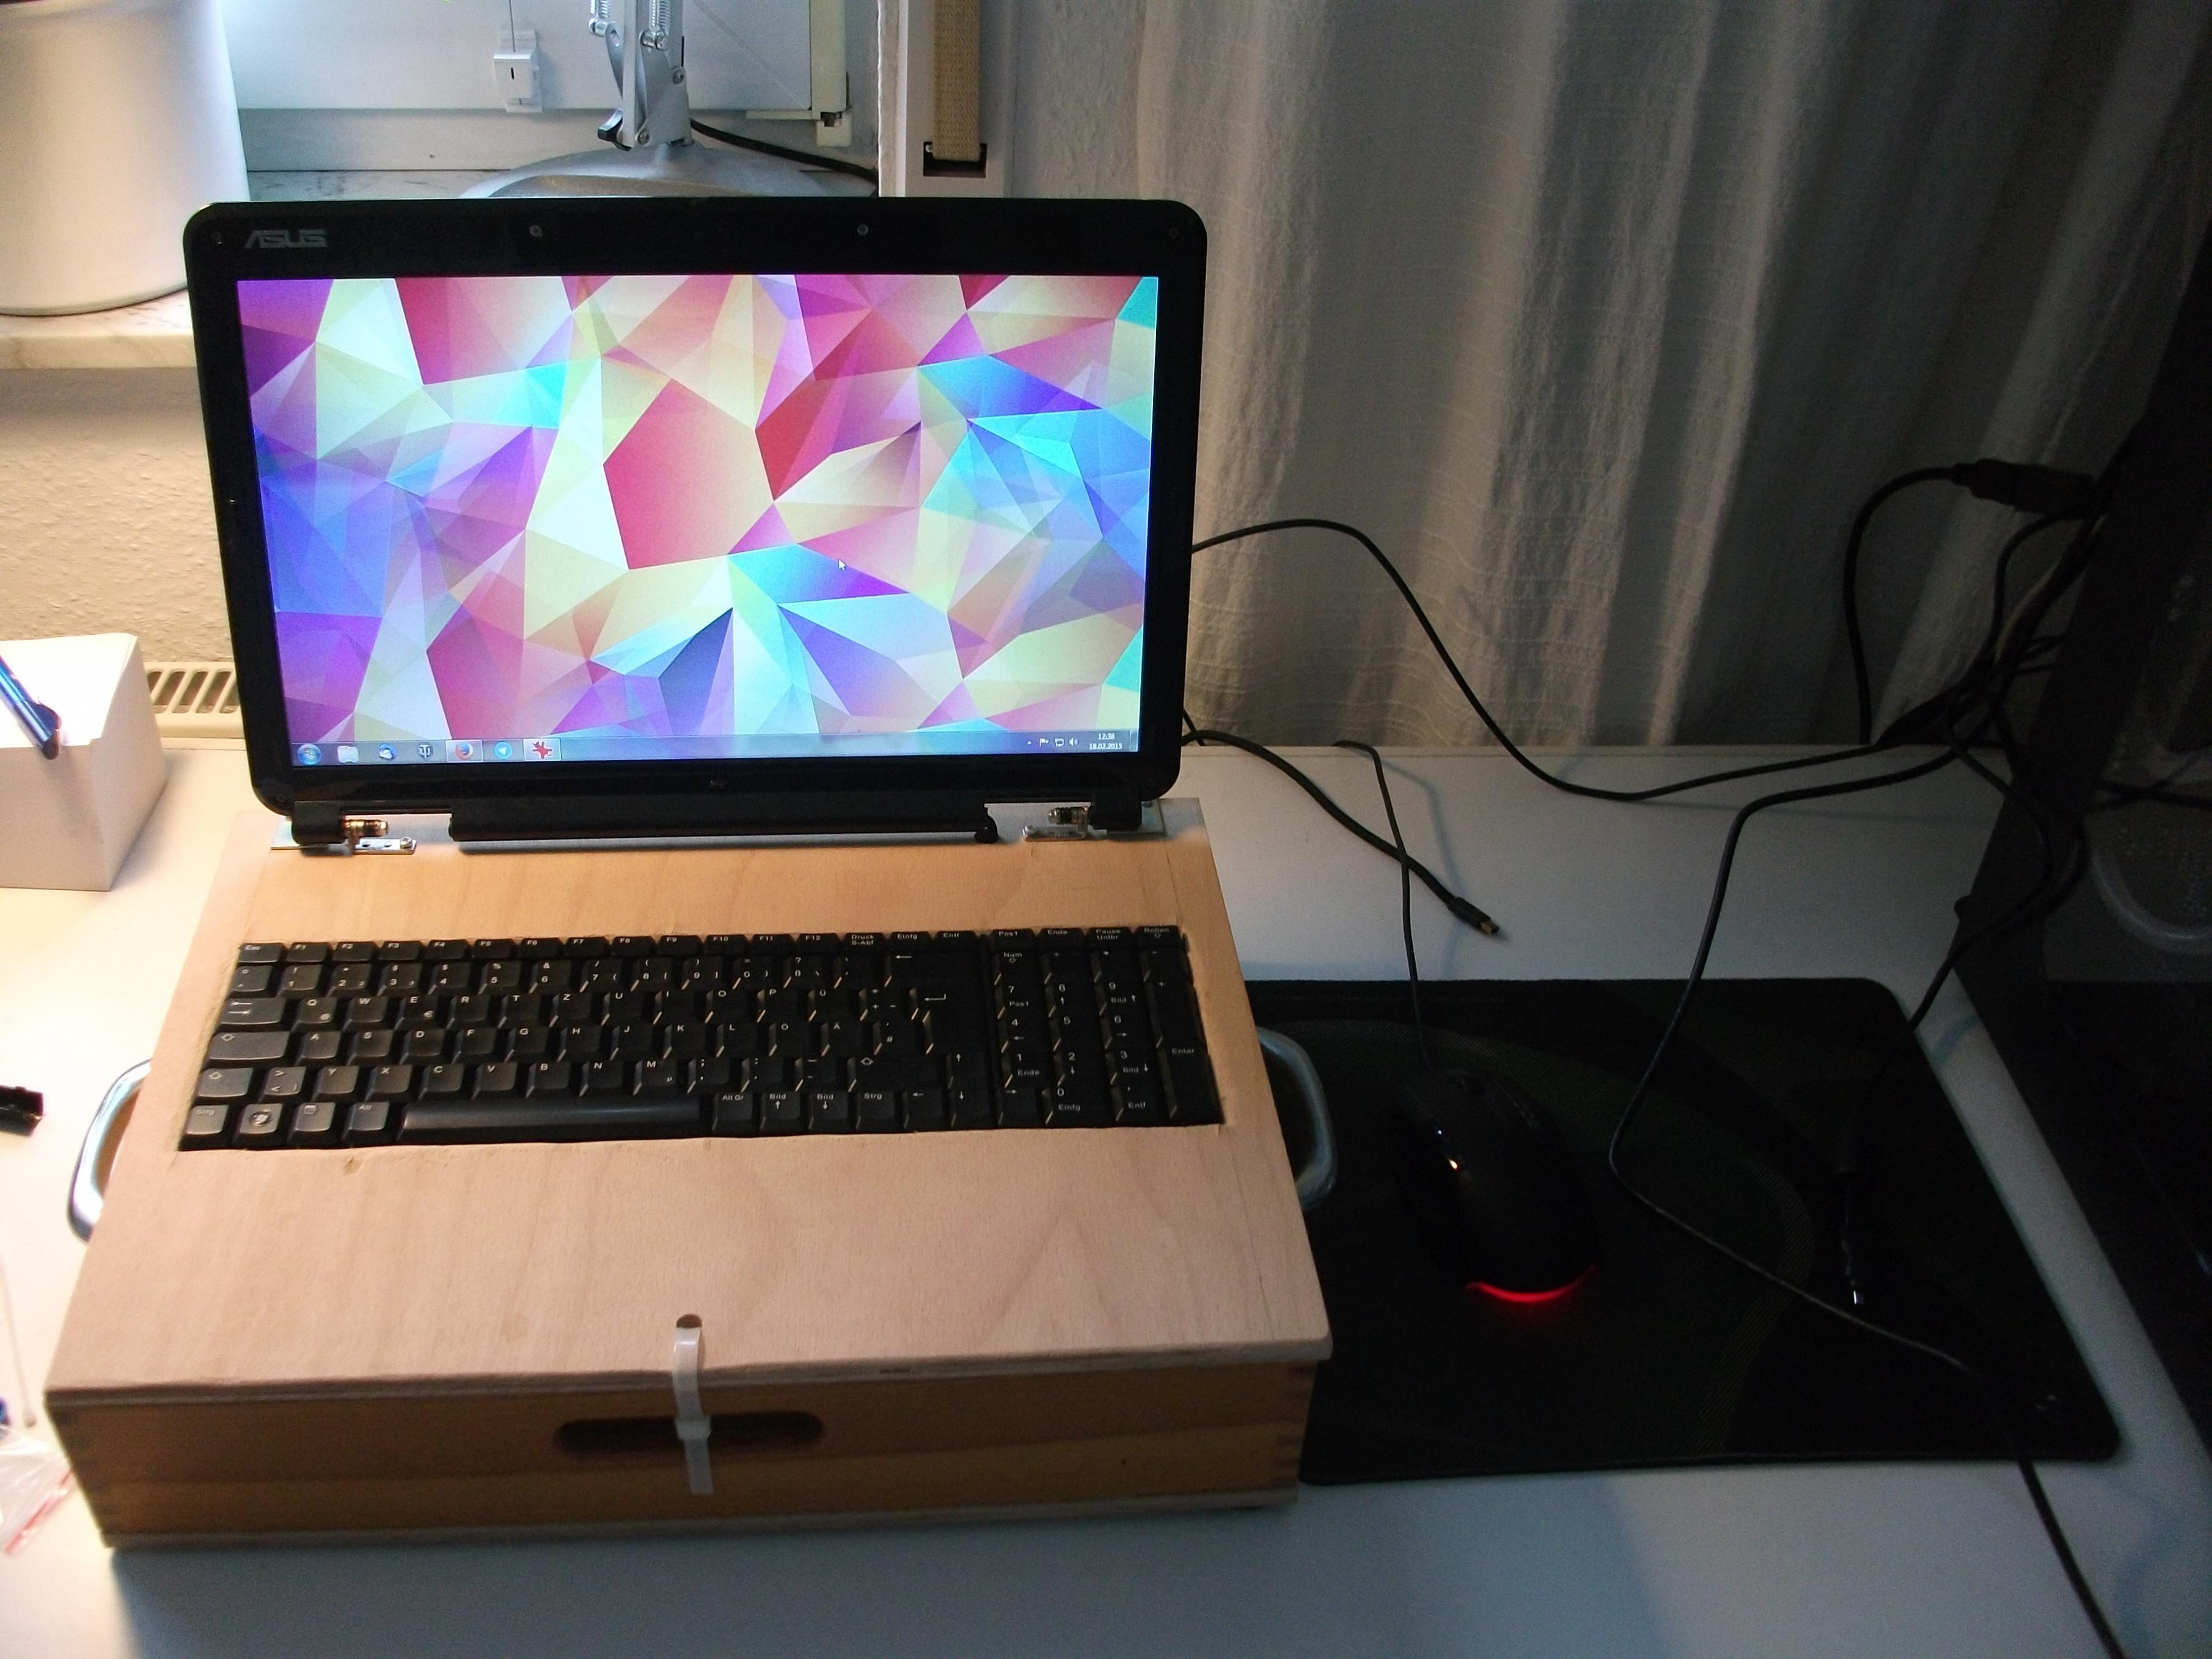 das deskbook desktop hardware im notebook geh use. Black Bedroom Furniture Sets. Home Design Ideas